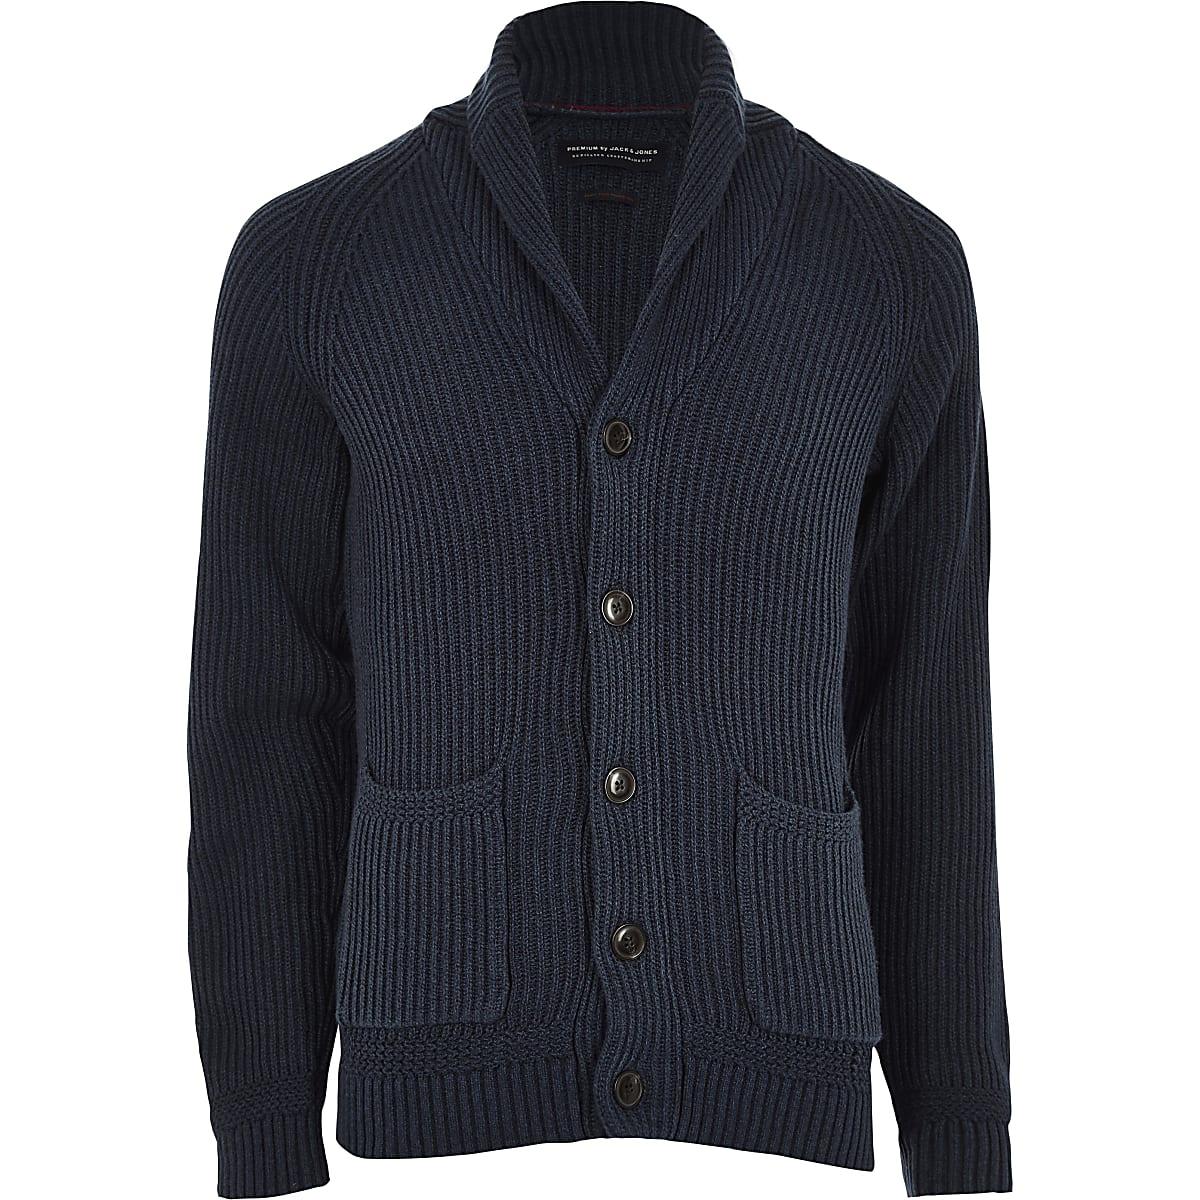 Jack & Jones navy knit shawl cardigan